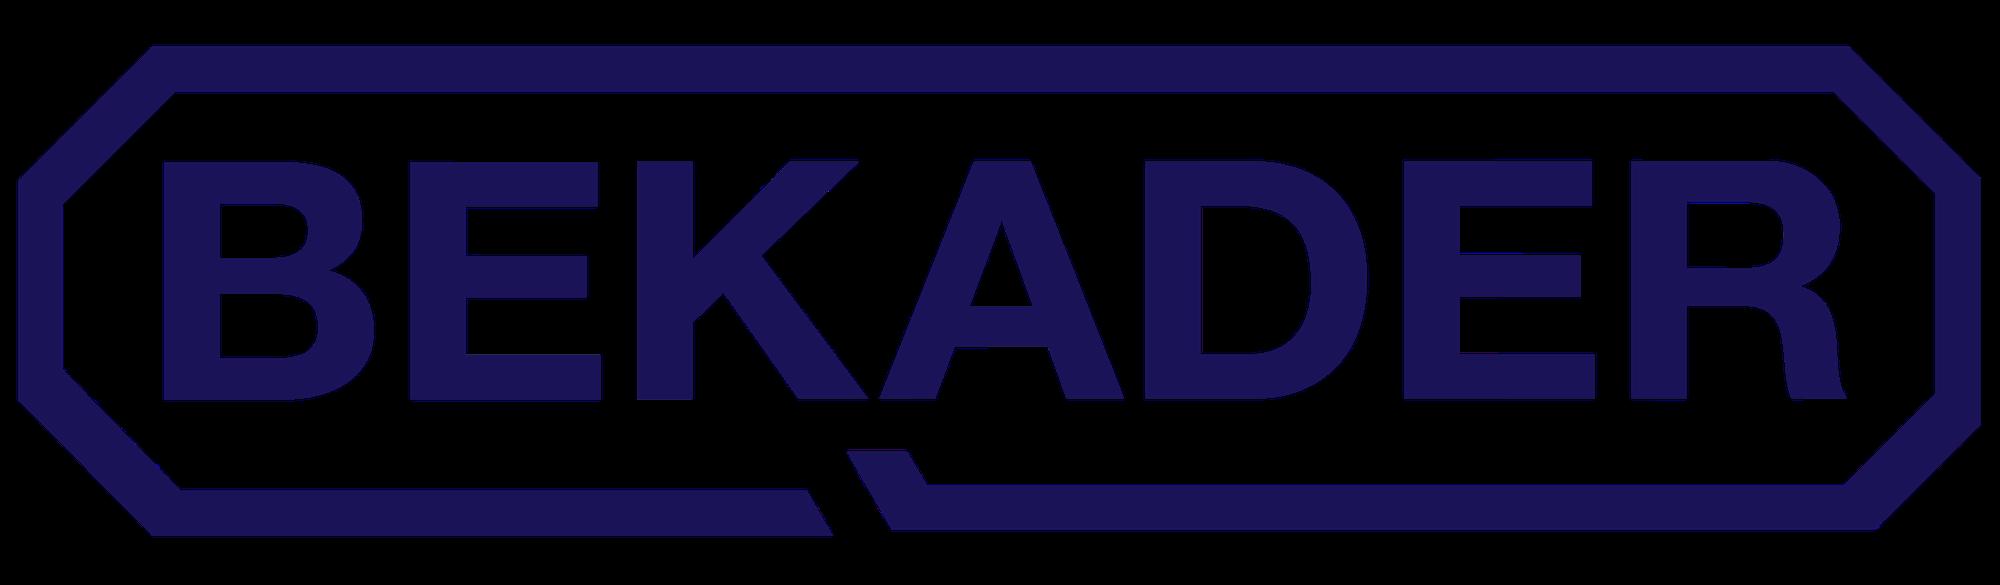 Bekader_logo_v3_Blauw_4000xYYY.png